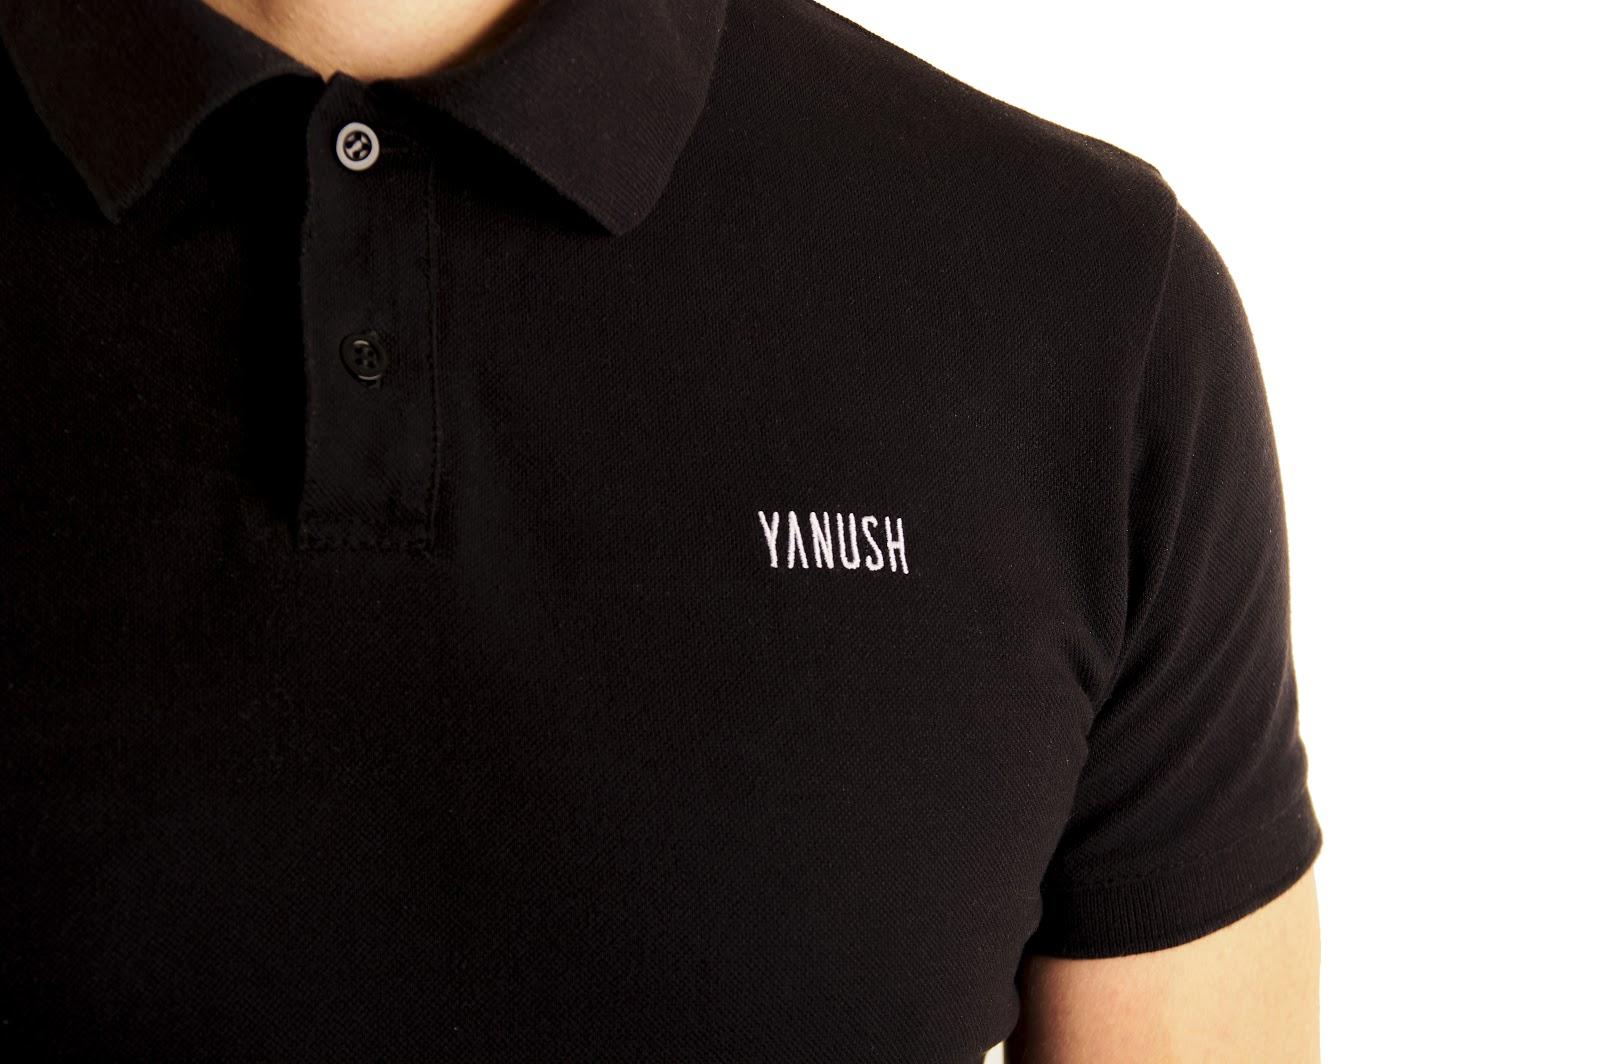 yanush, sklep yanush, yanush online, yanush on line, sklep online yanush